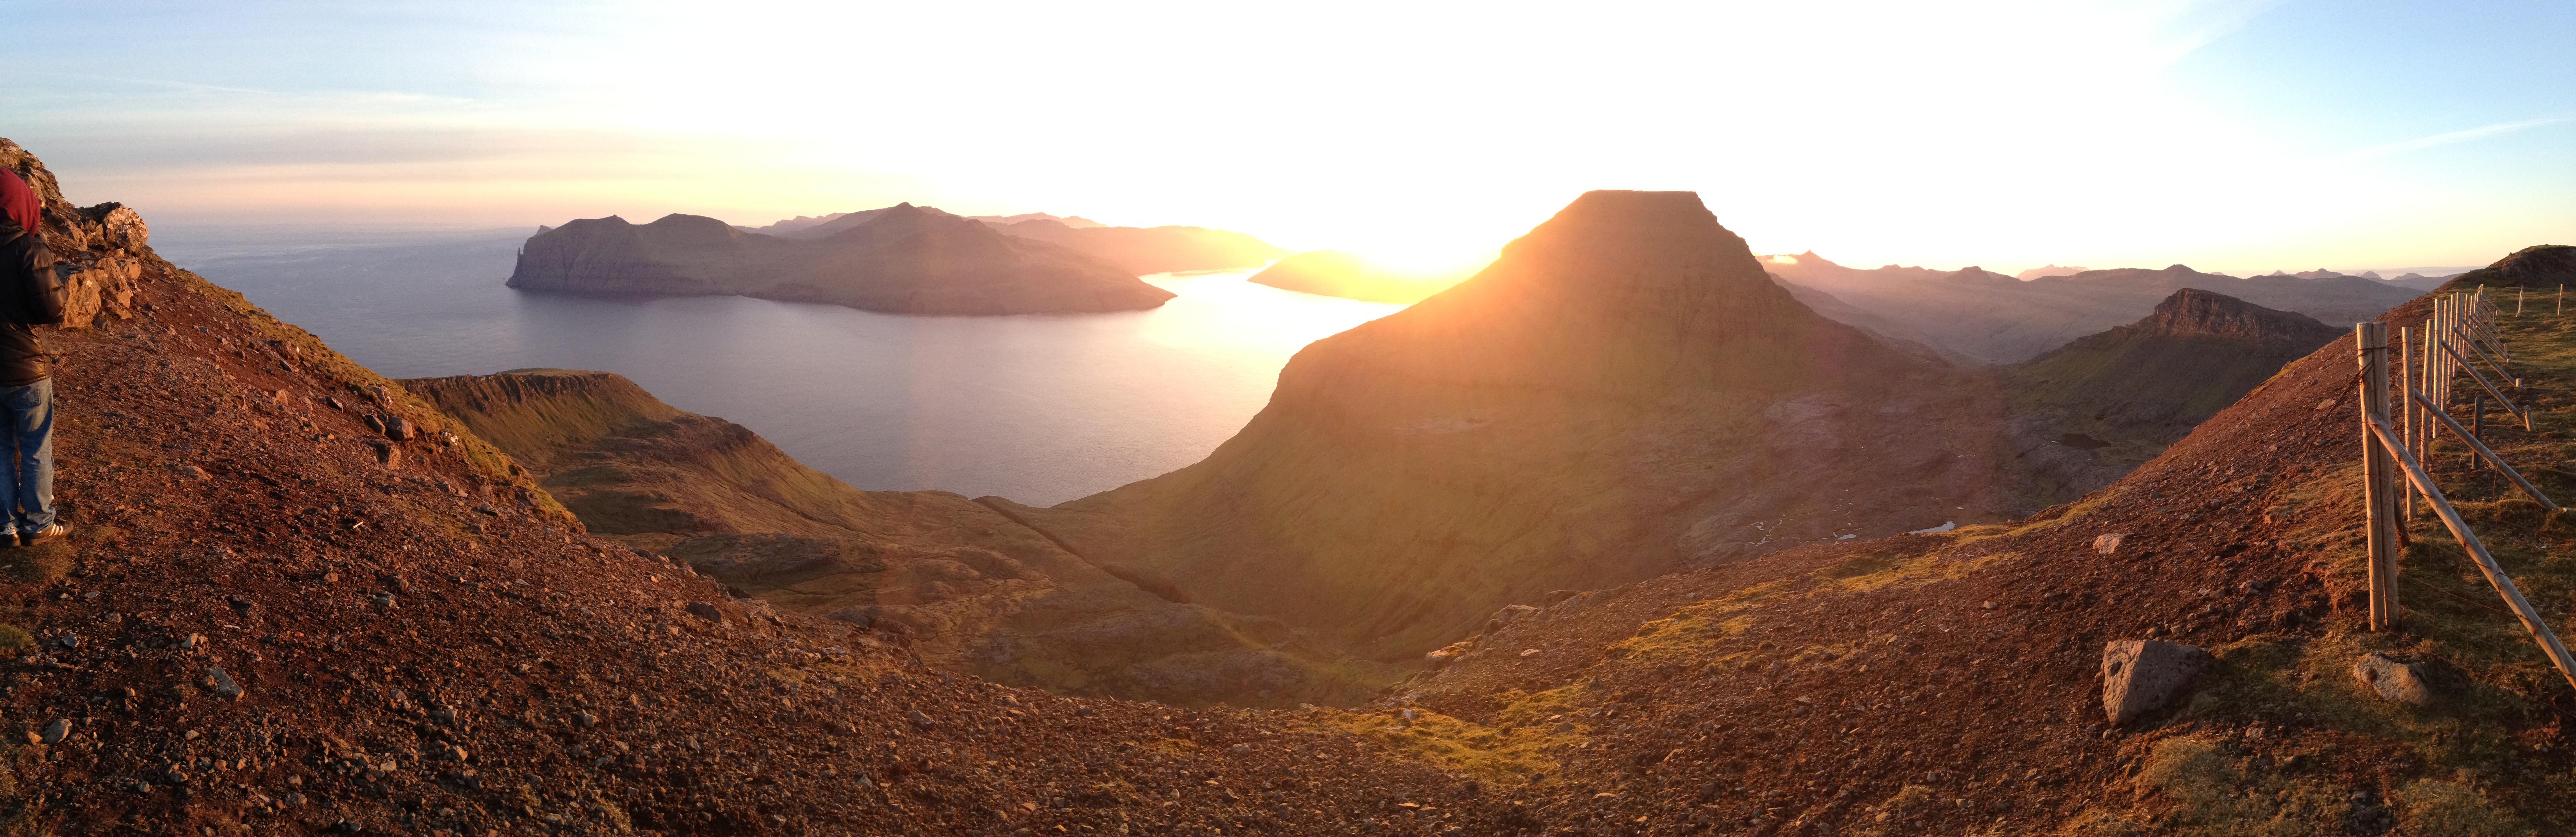 2014, Færøerne, Landsværk - Energirenovering